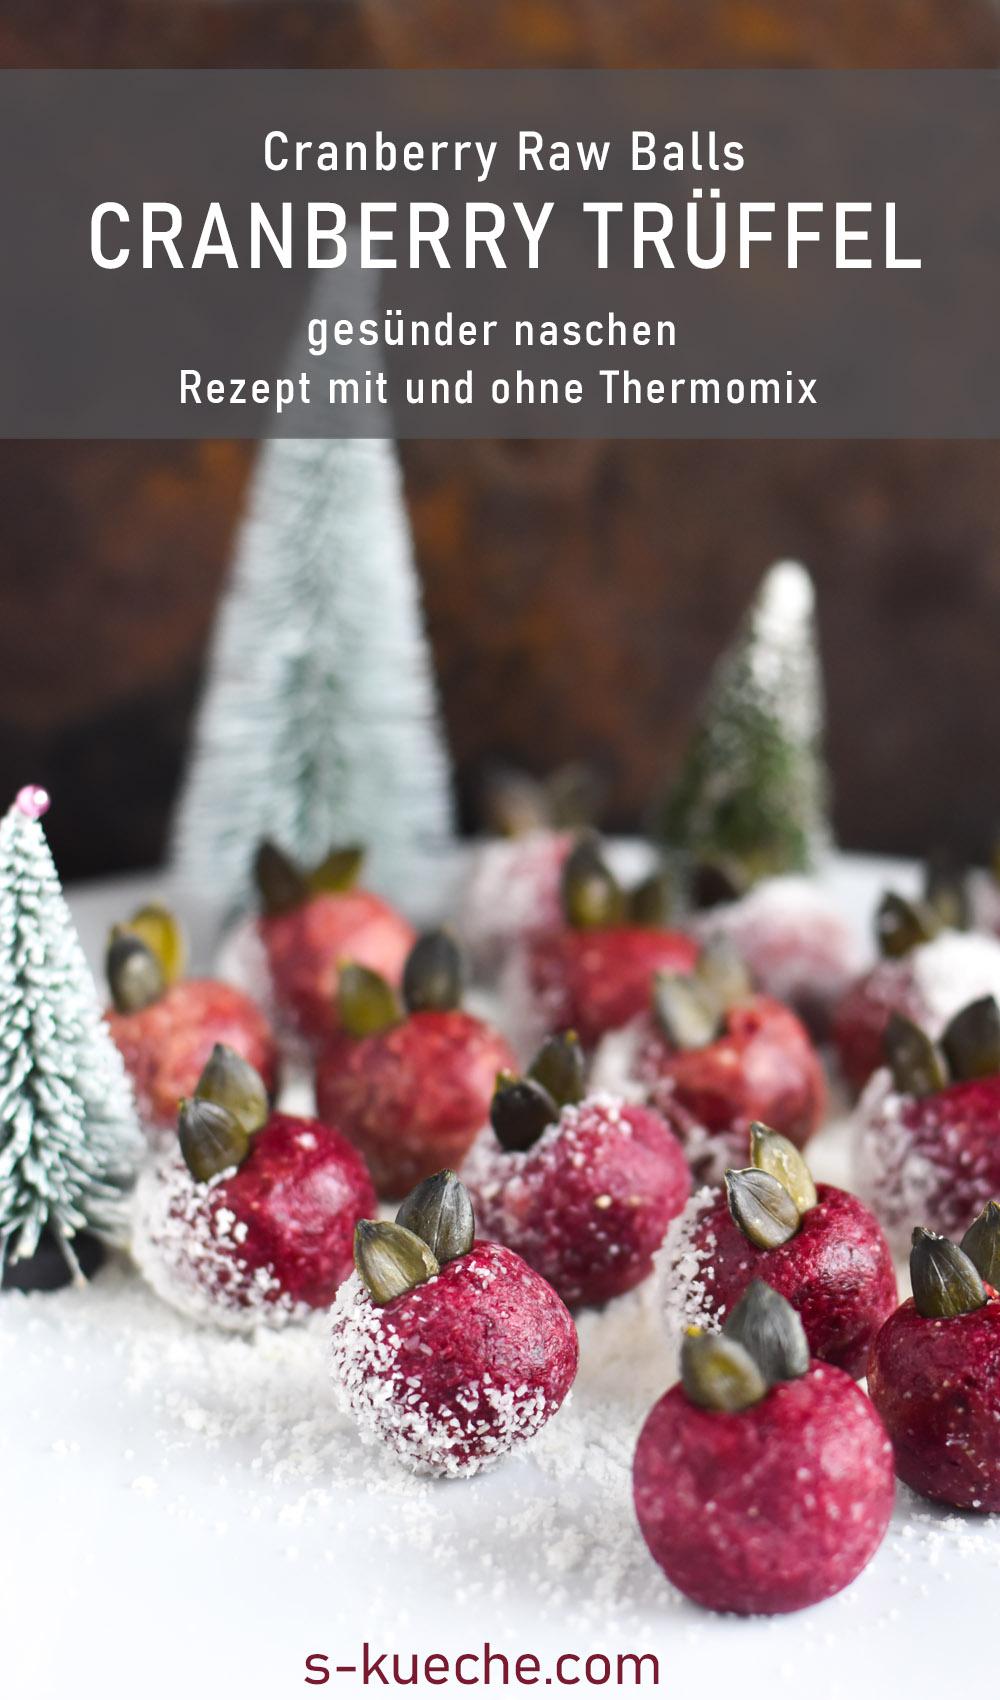 Cranberry Trüffel - Cranberry Raw Balls in der Festive X-Mas Version, gesund naschen zu Weihnachten. Rezept für leckere rote Energie Bällchen